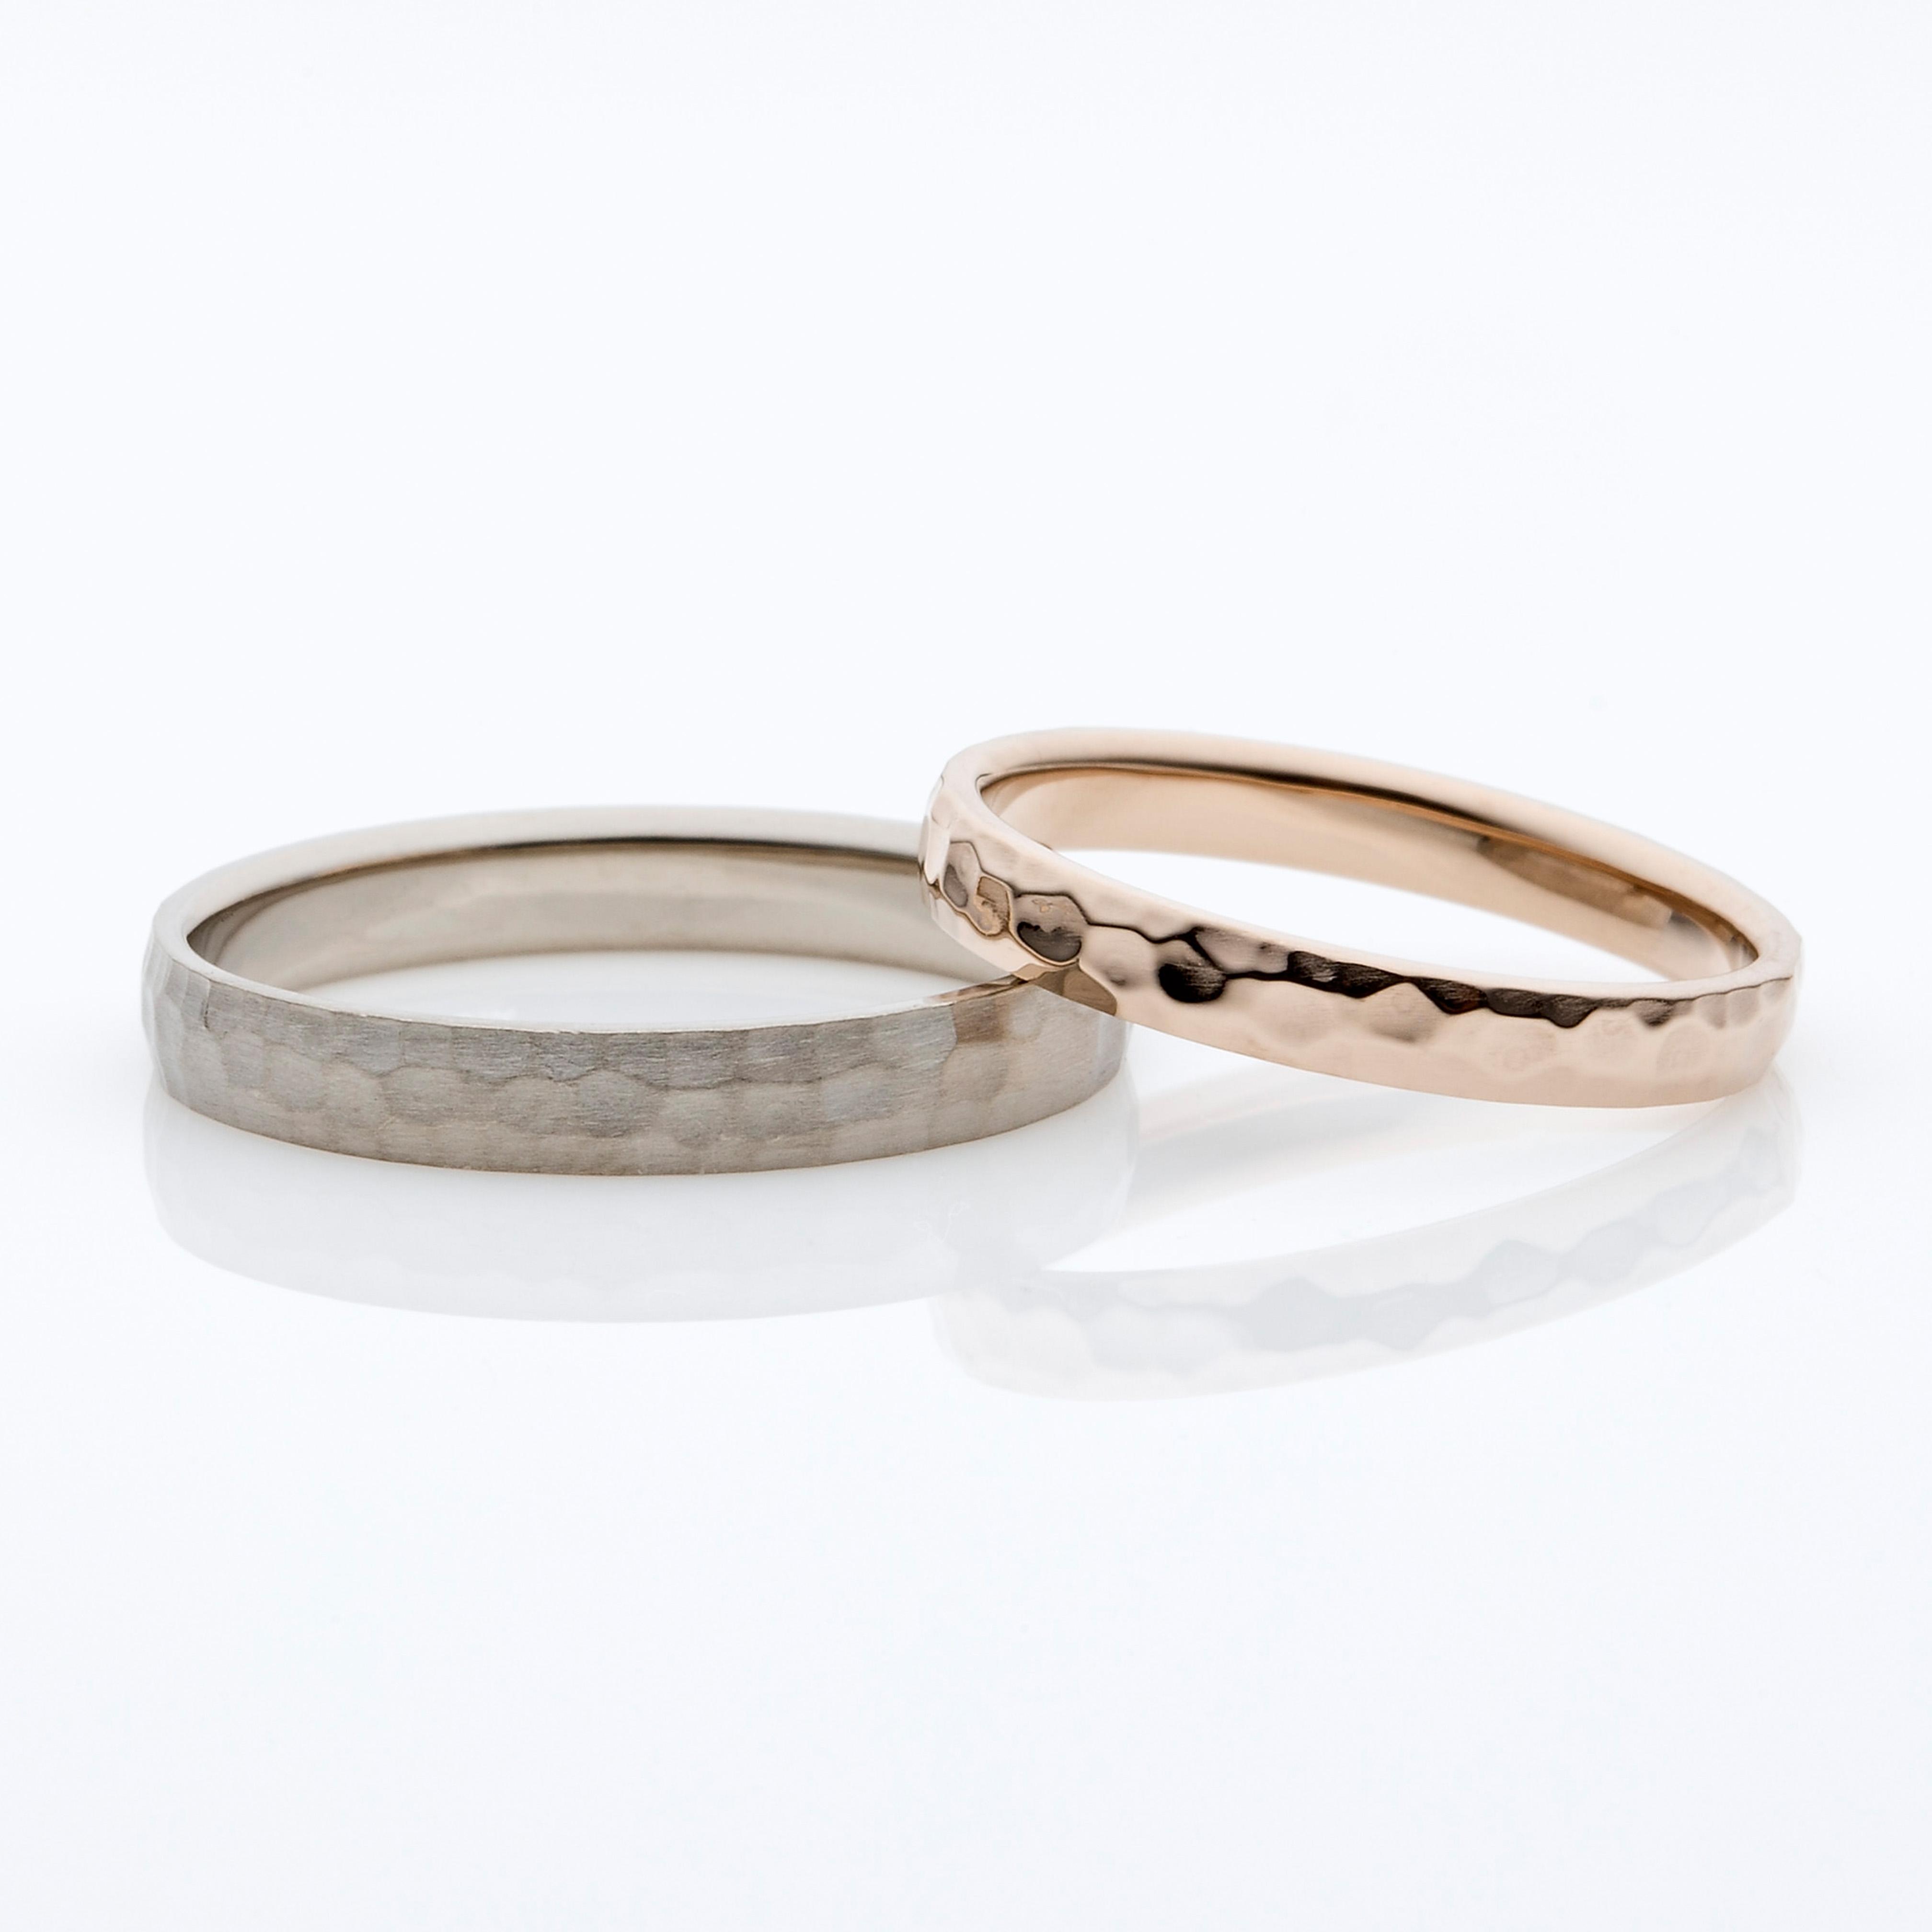 リング全体に施された槌目(つちめ)のデザインが個性を引き出してくれる結婚指輪です。